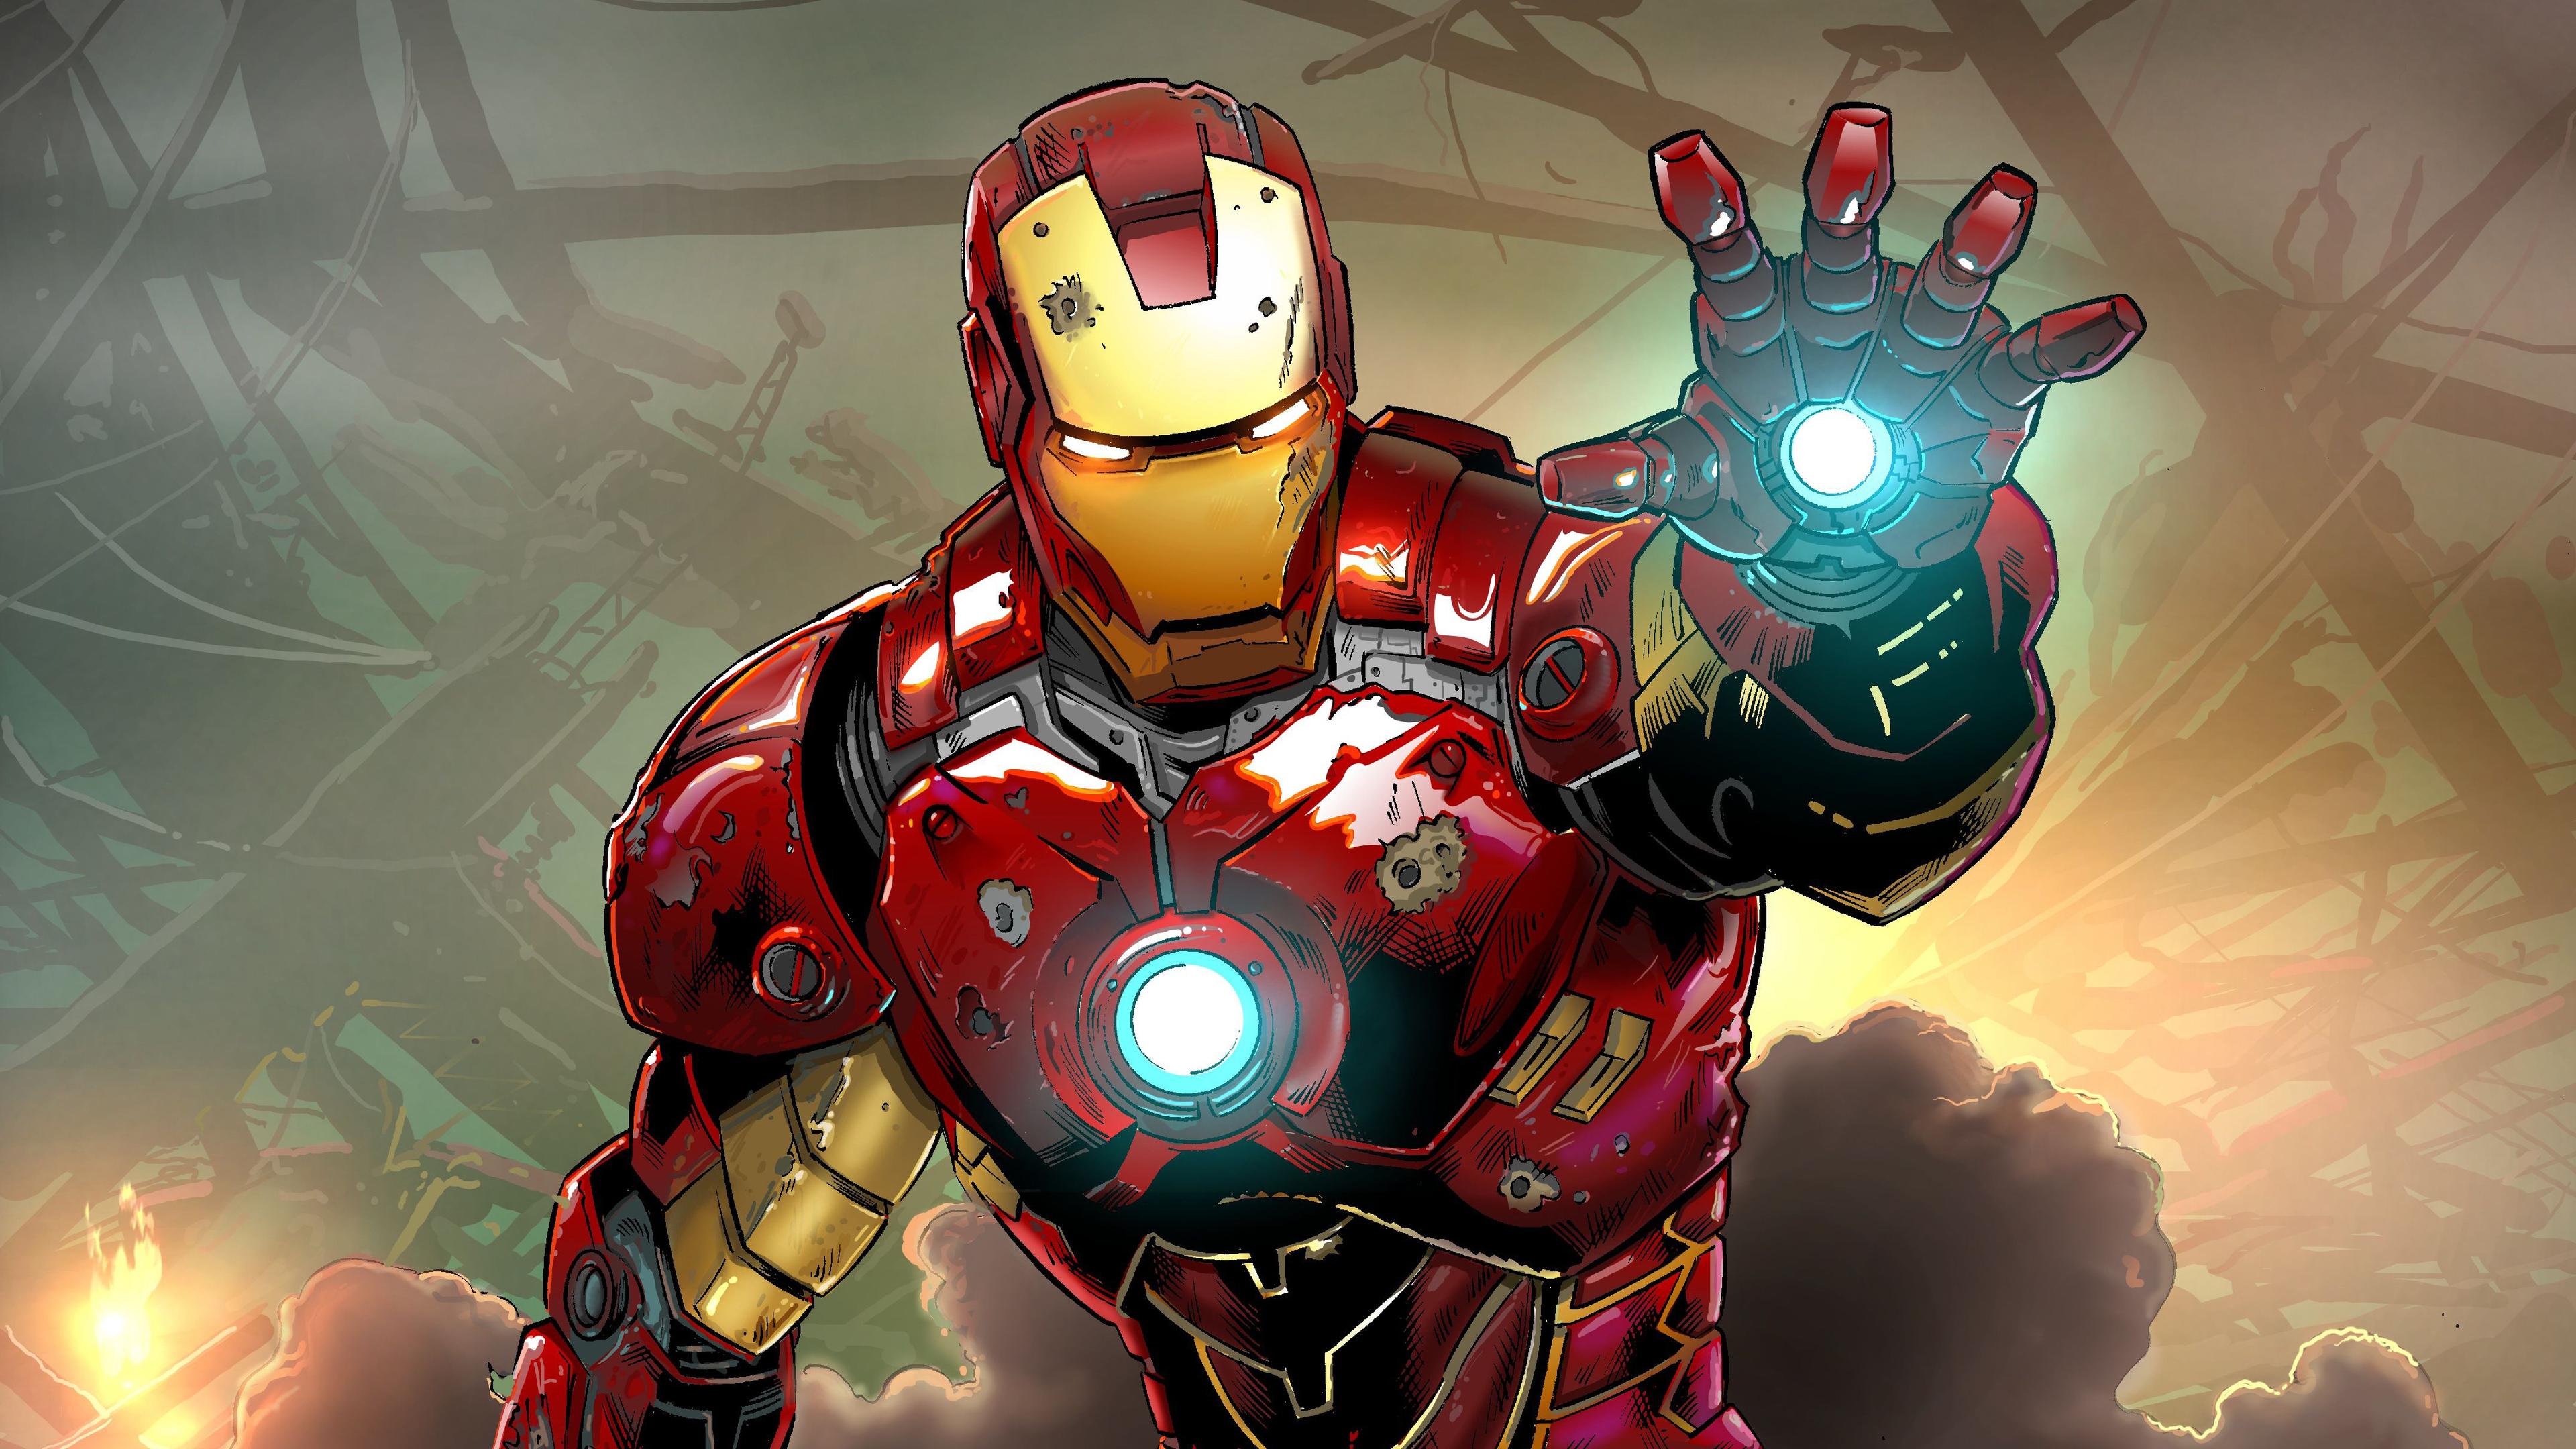 3840x2160 Iron Man Comicart 4k 4k HD 4k Wallpapers, Images ...